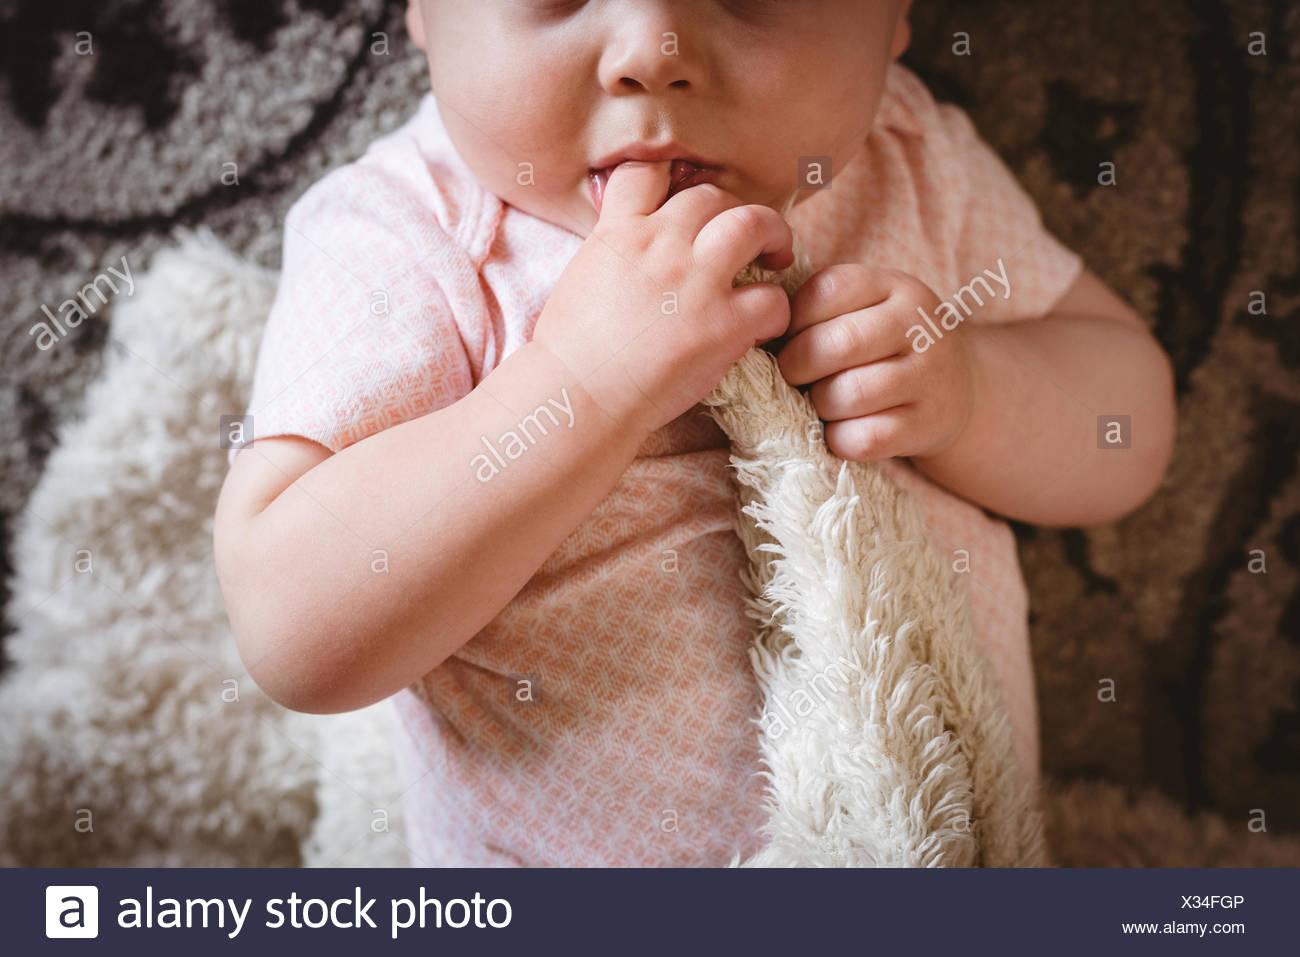 Lindo bebé acostado sobre una manta Imagen De Stock